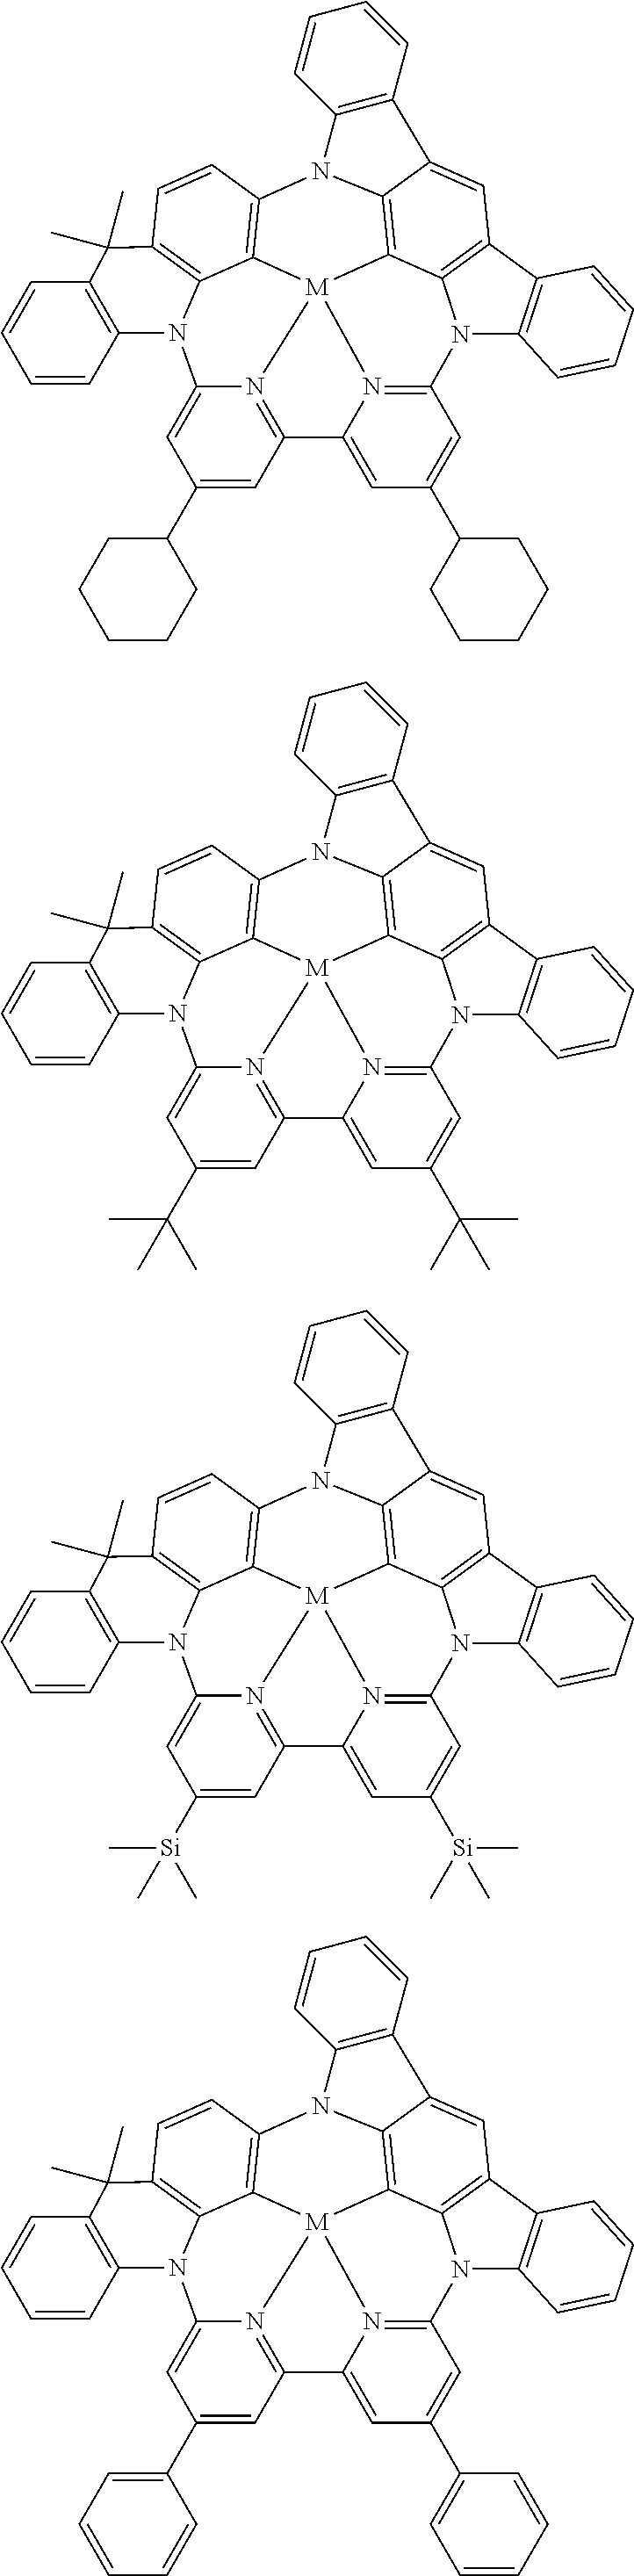 Figure US10158091-20181218-C00152